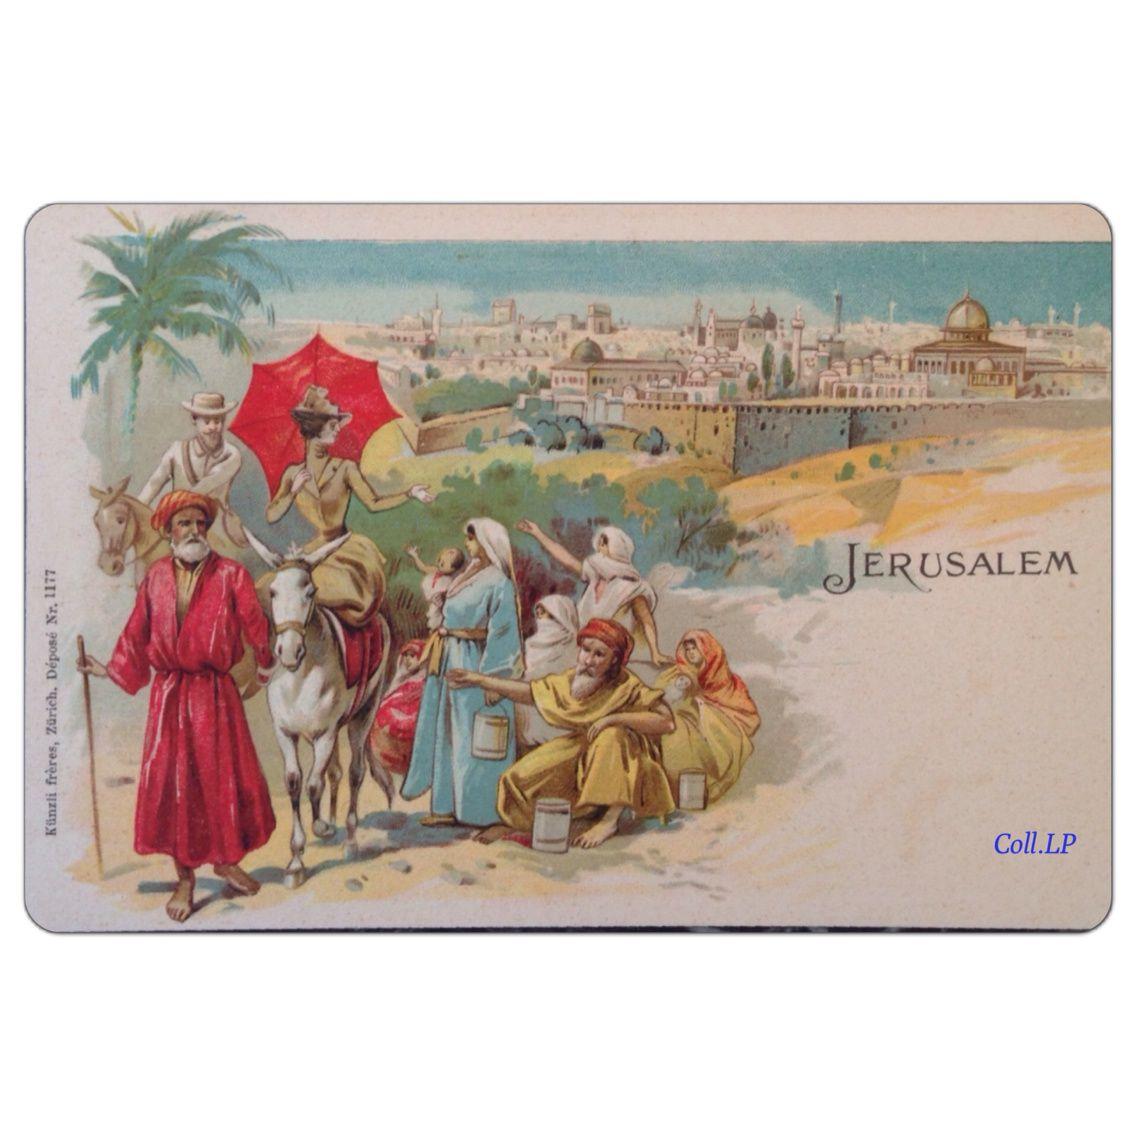 Voyage en terre sainte par l'éditeur Kunzli 1900